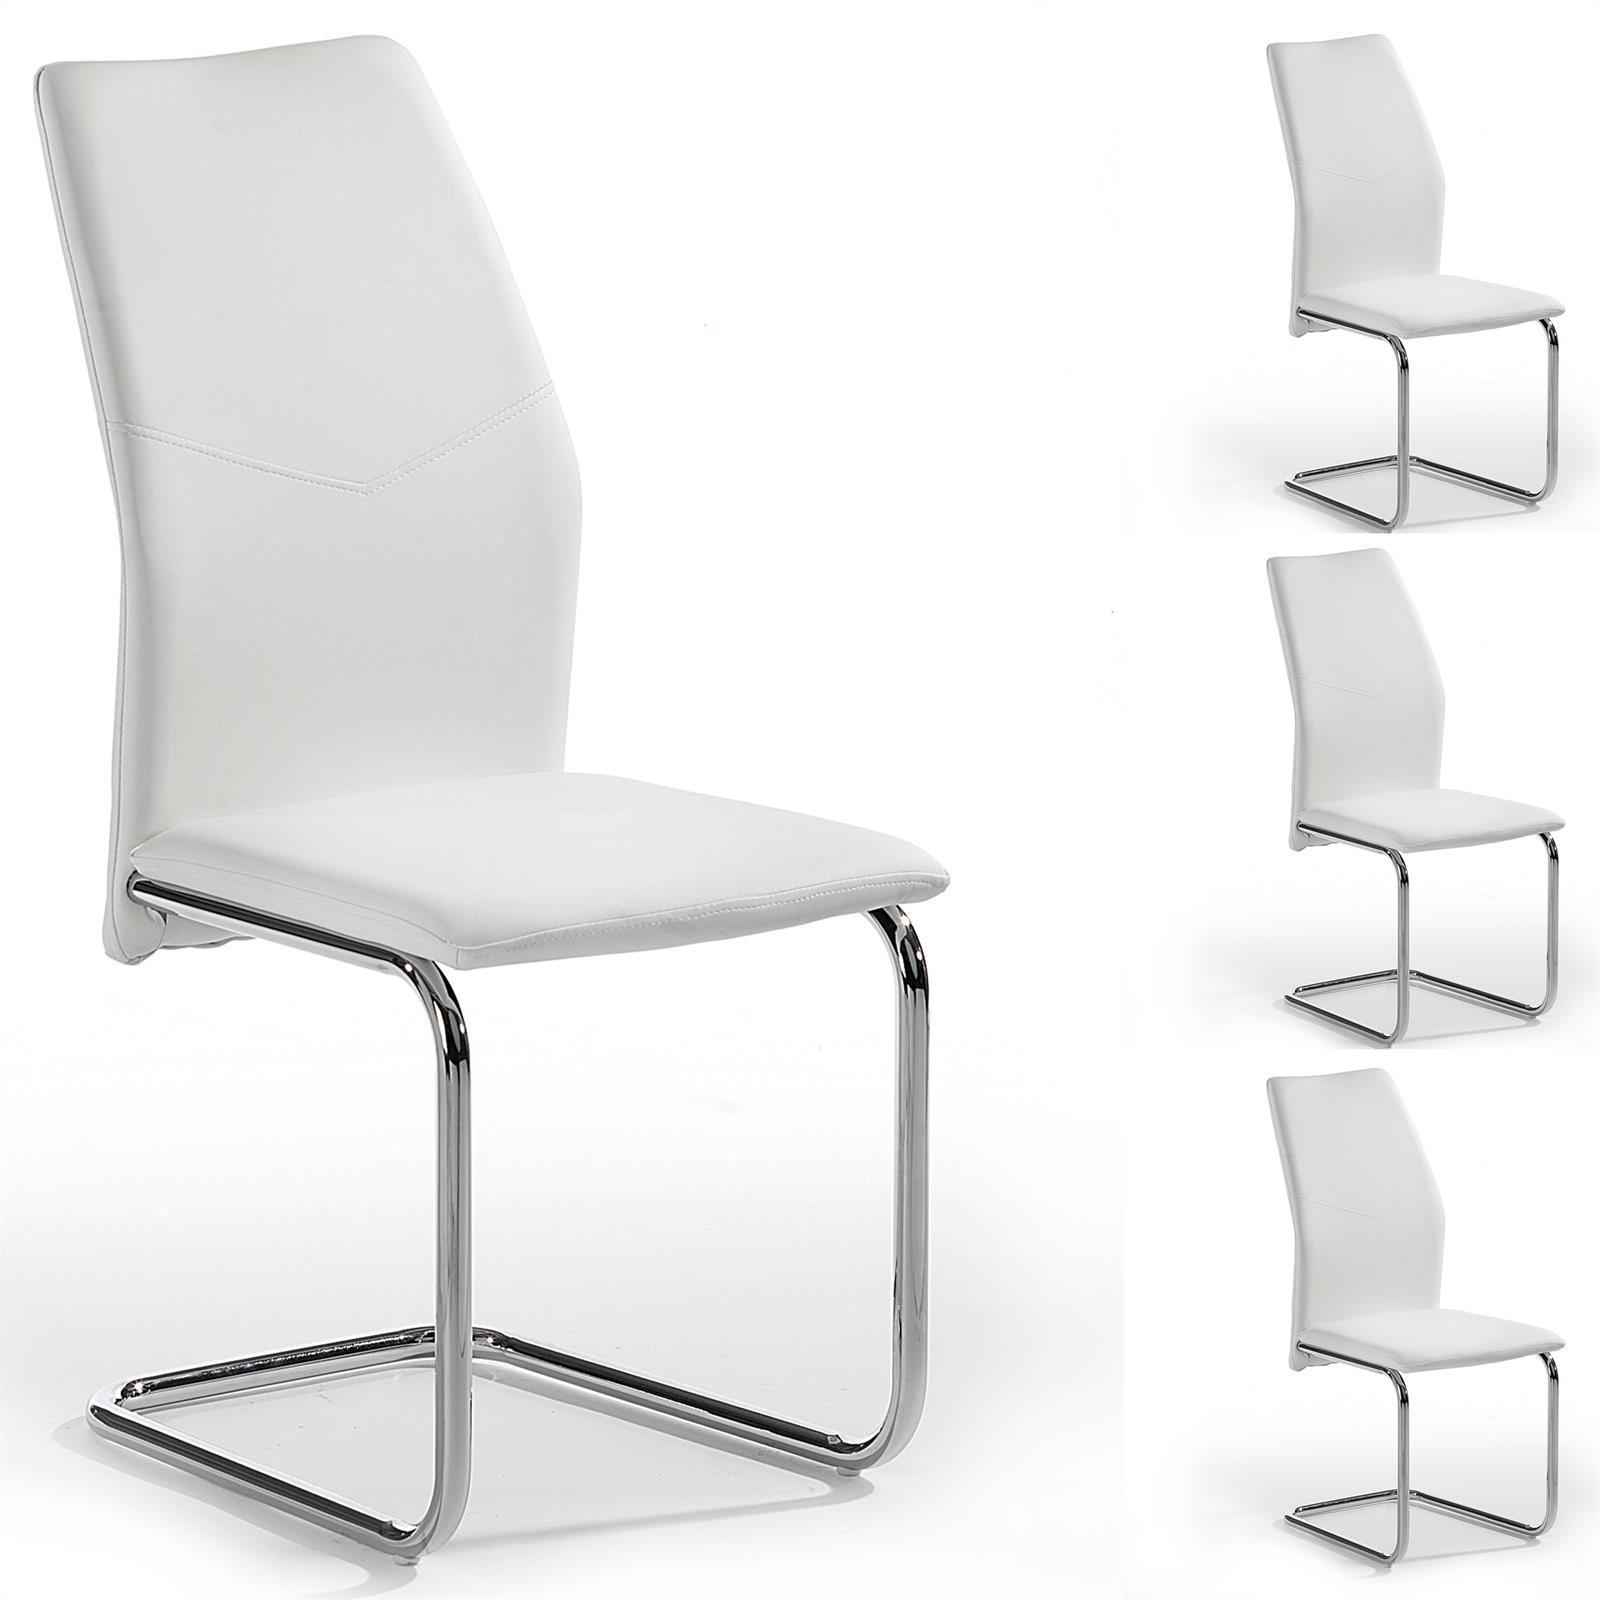 schwingstuhl leona 4er set in wei mobilia24. Black Bedroom Furniture Sets. Home Design Ideas